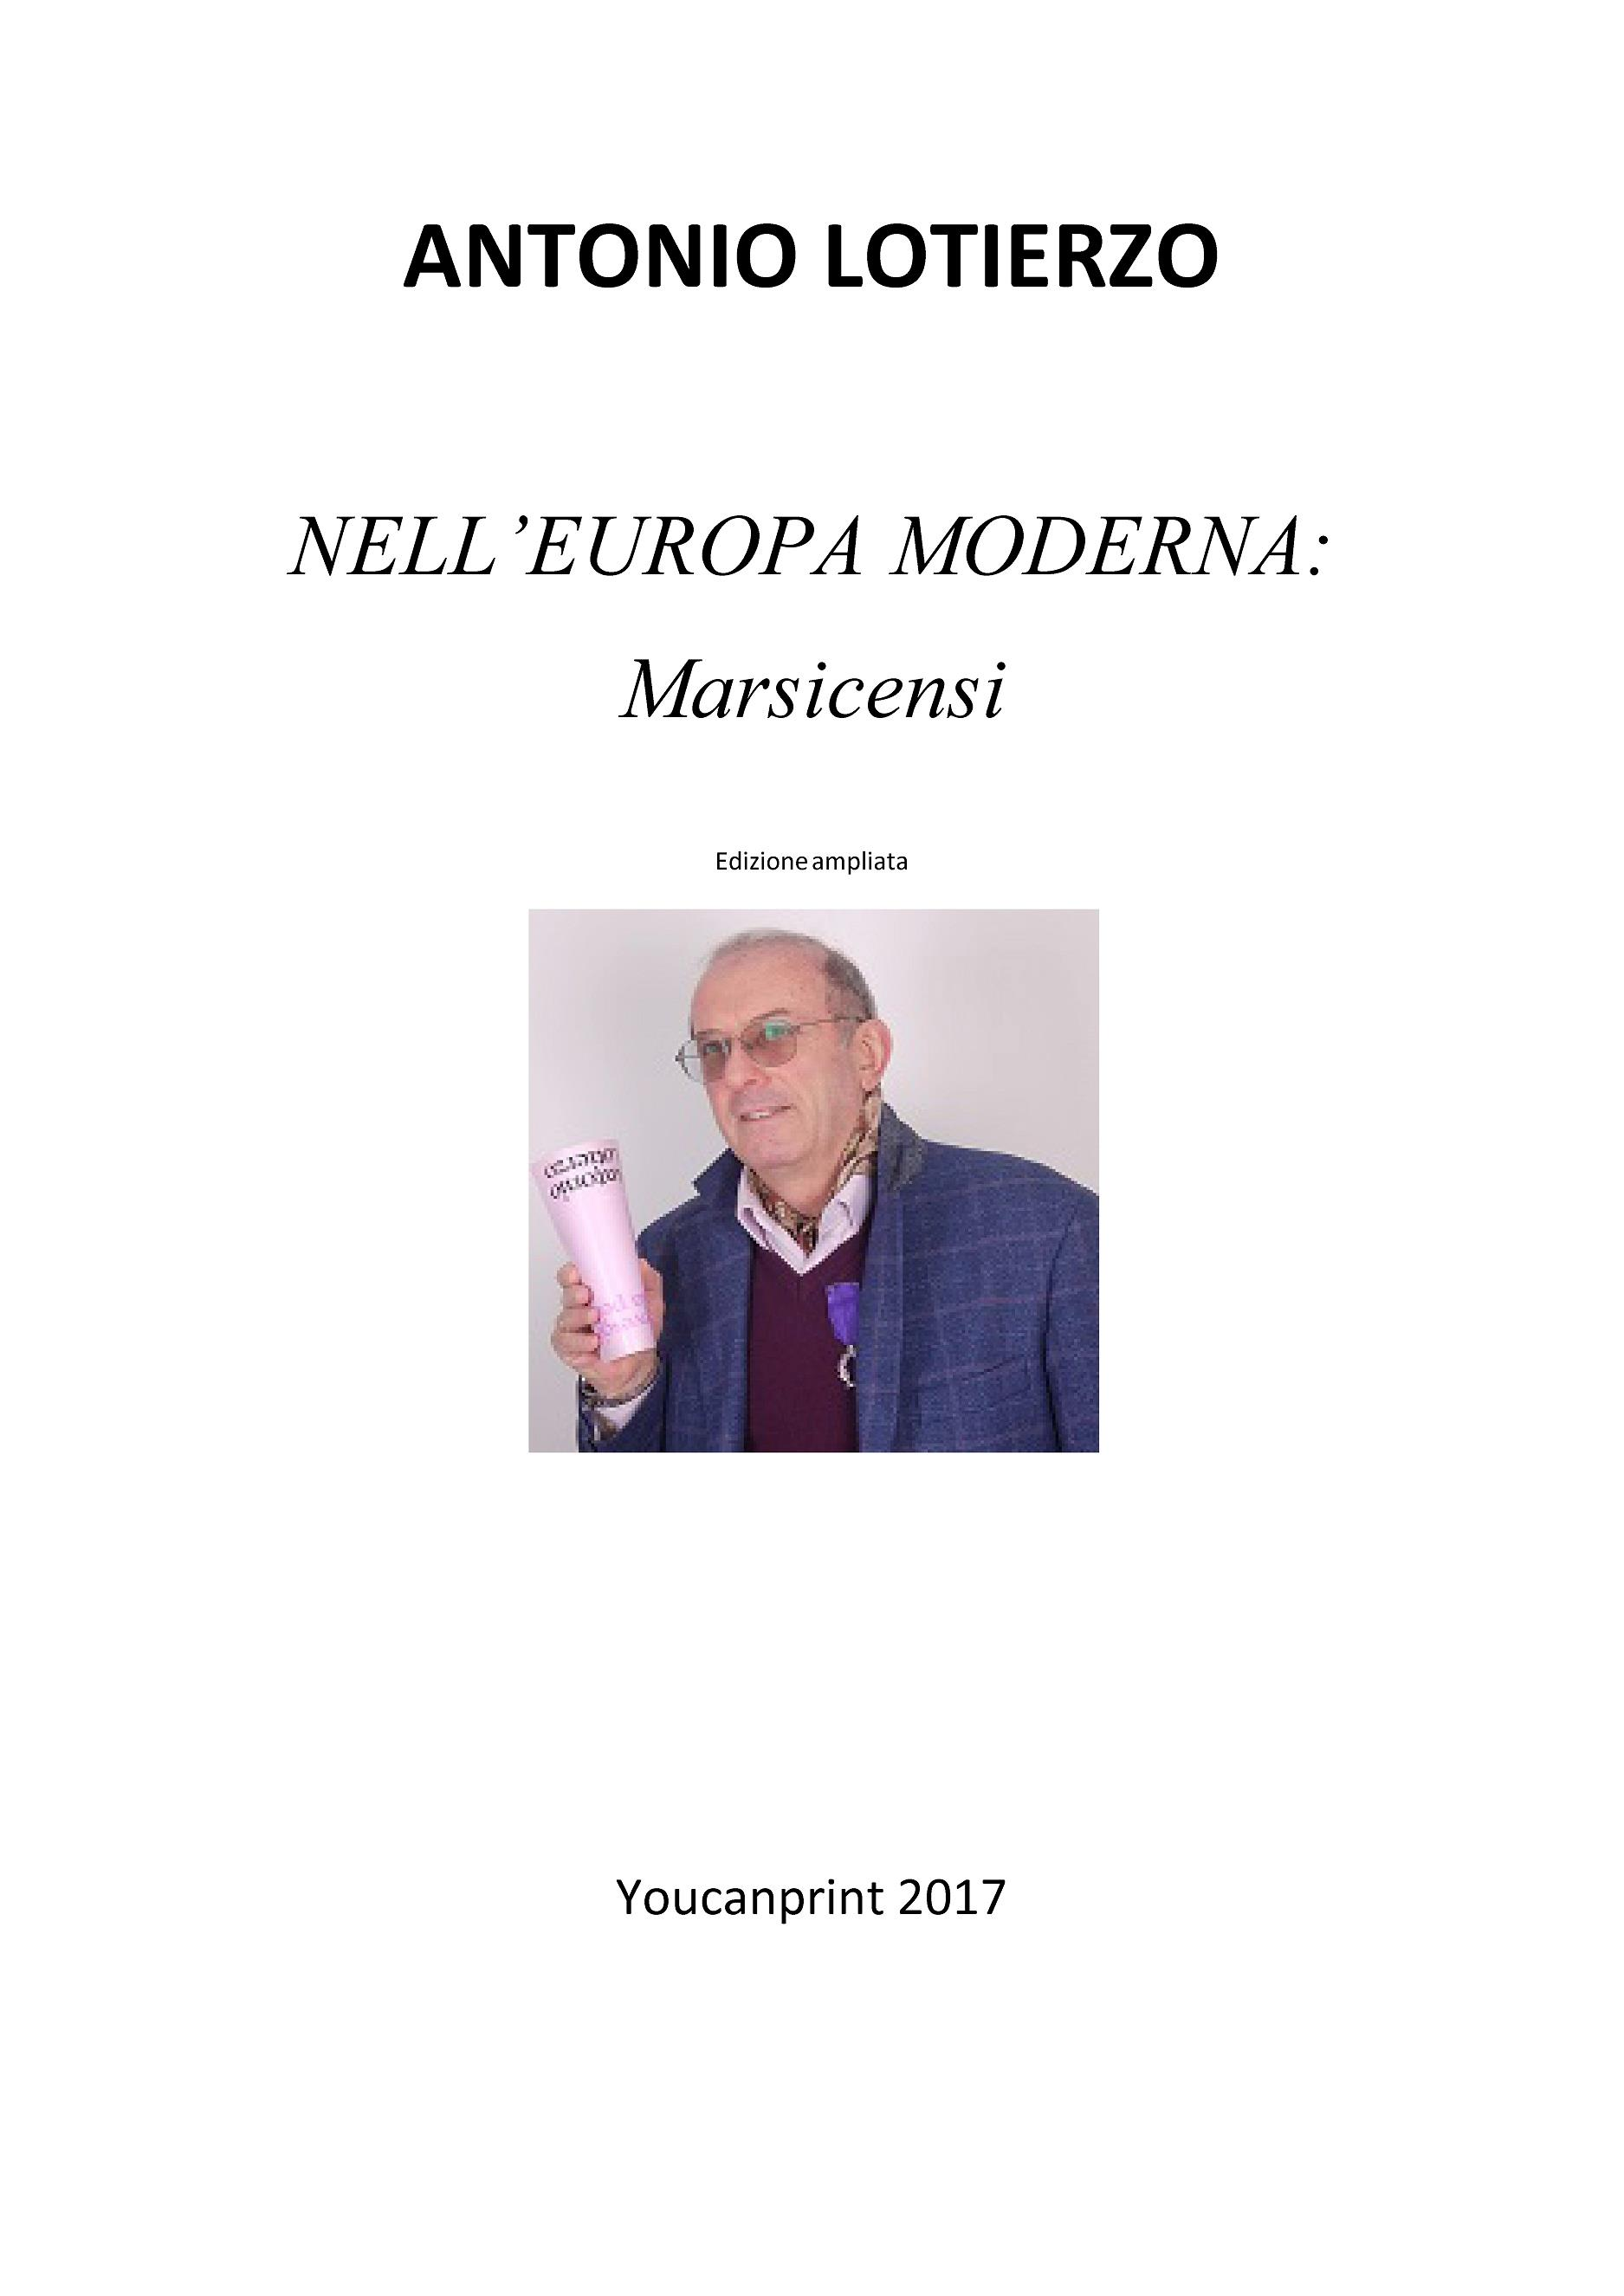 Nell'Europa moderna: Marsicensi